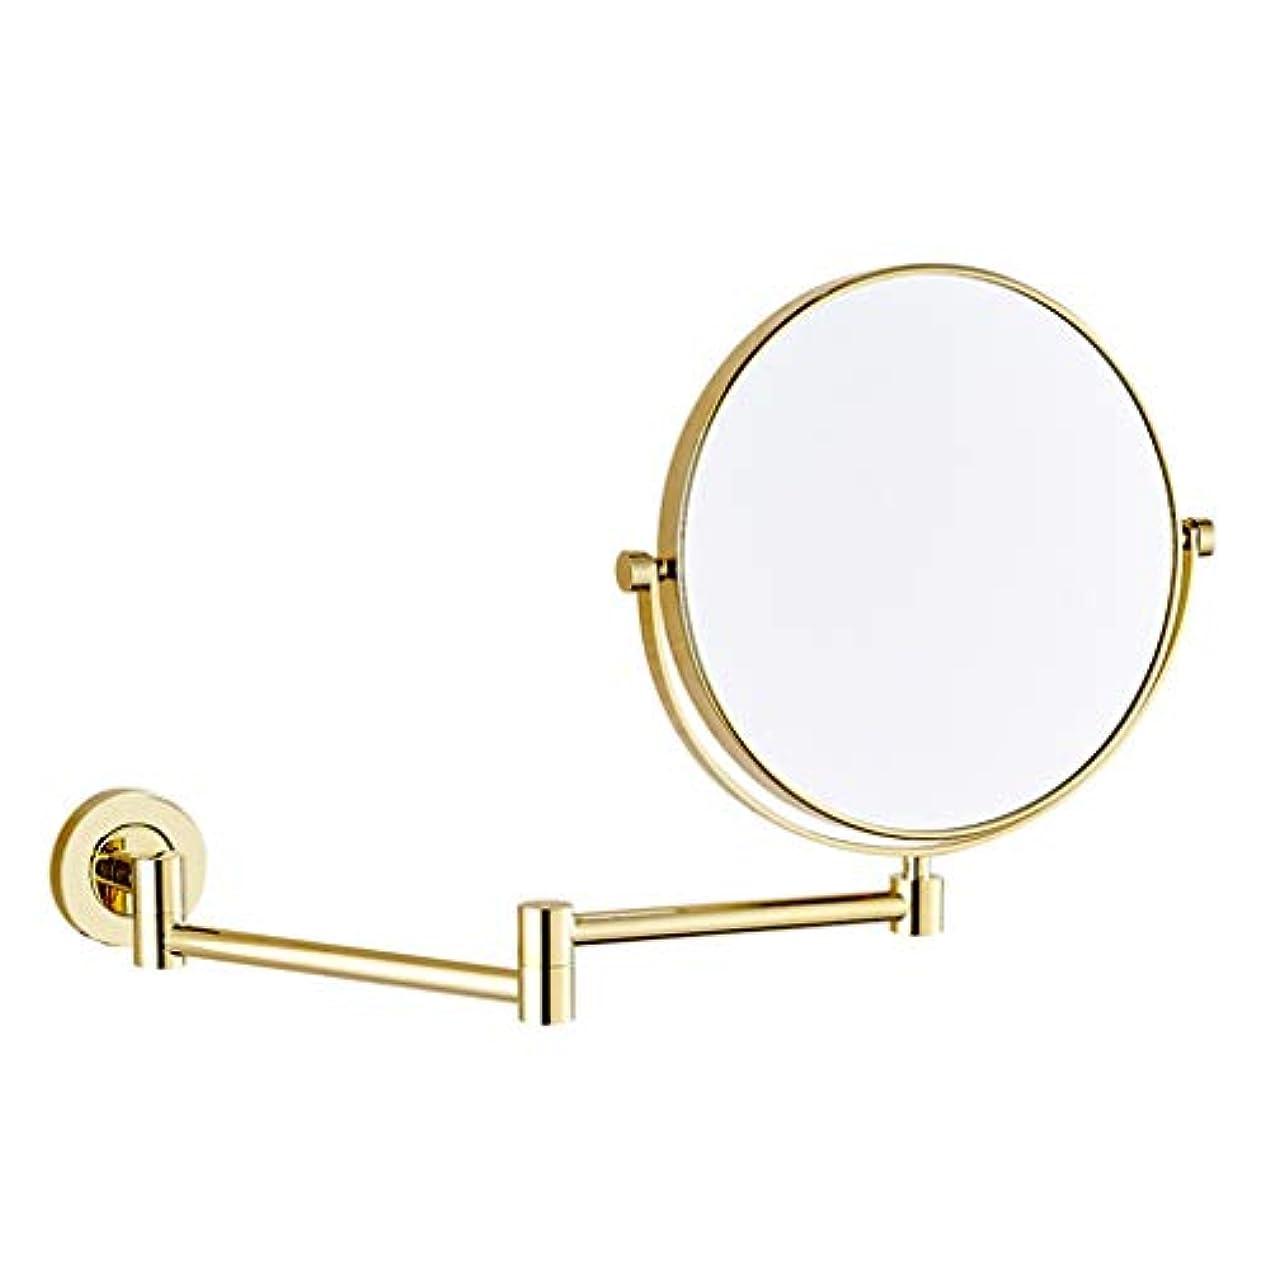 ハッチトラフ有効な化粧鏡バスルーム 8インチ化粧鏡格納式銅折りたたみ浴室壁掛け美容鏡5倍虫眼鏡360度回転虚栄心ミラー 照明付きメイクアップミラー (色 : ゴールド, サイズ さいず : 8 inches 5X)